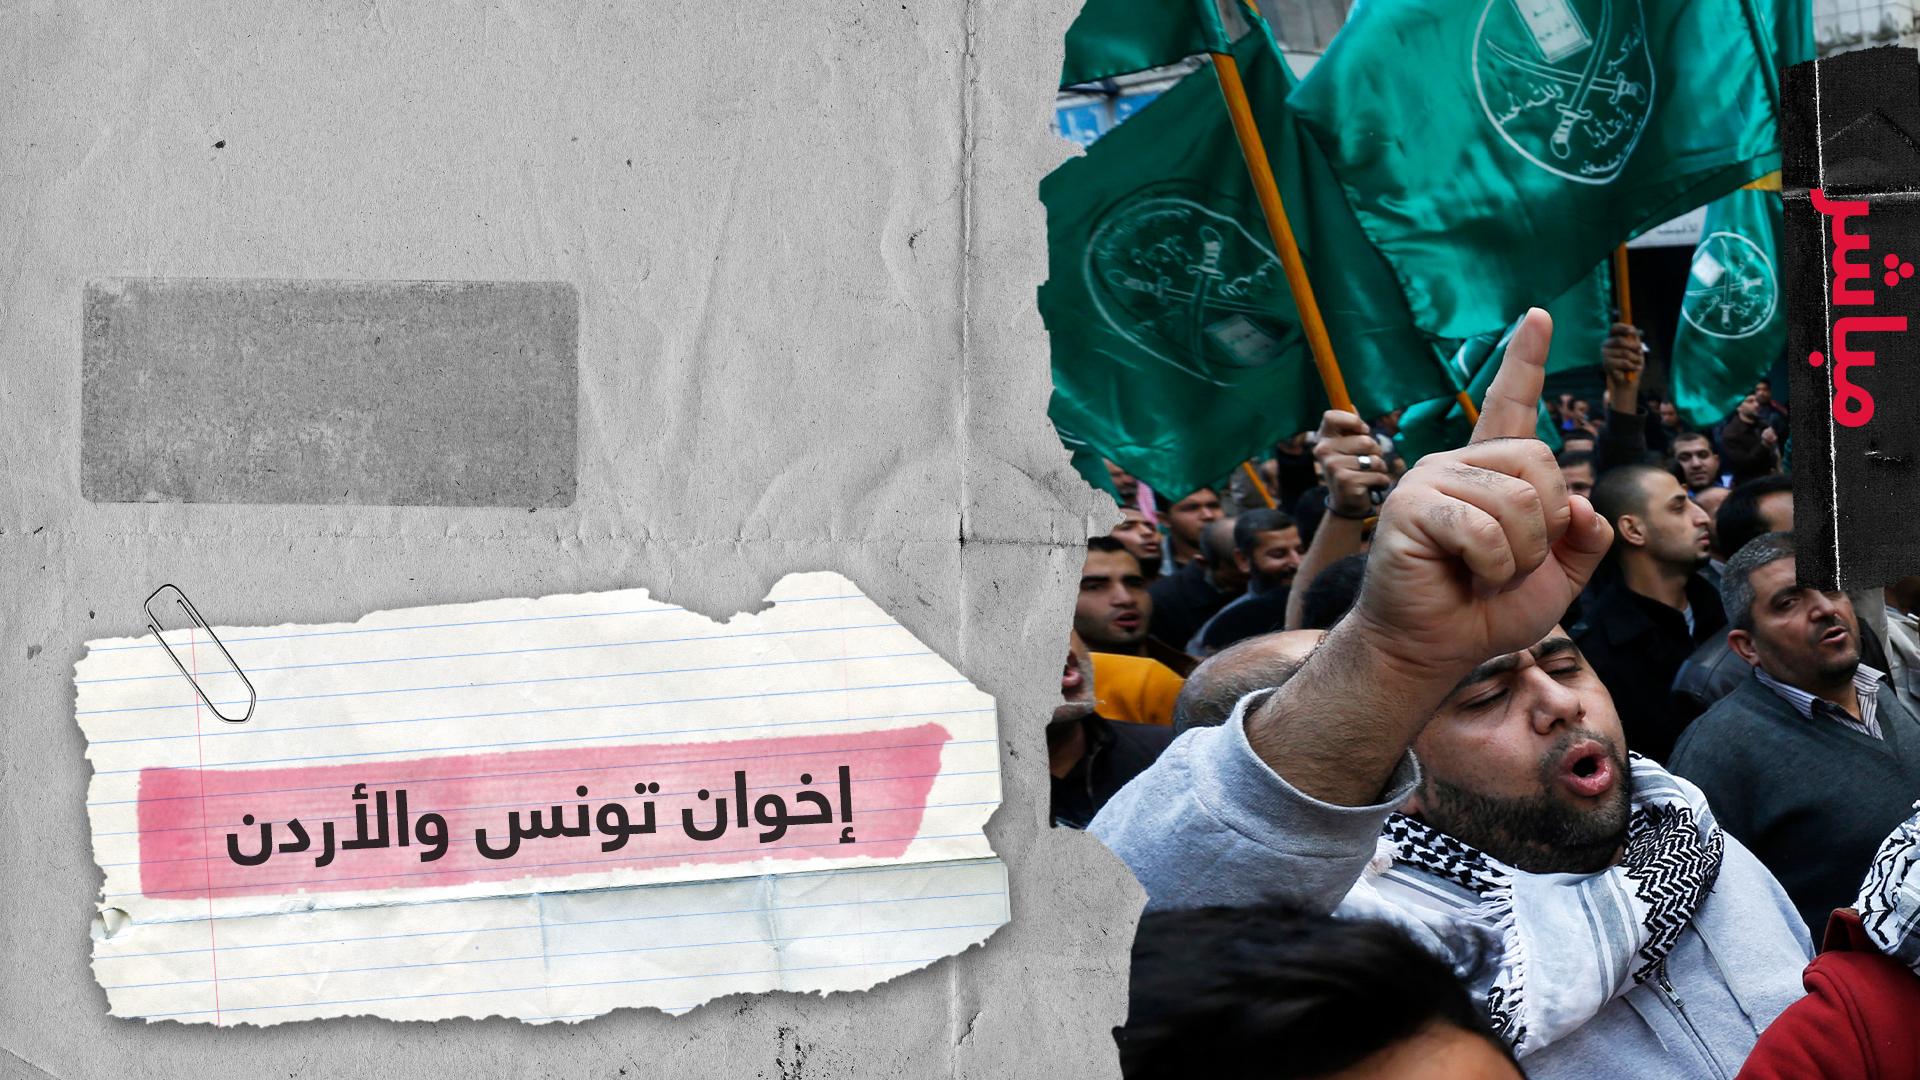 إقالة وزراء حركة النهضة في تونس وحكم بحق جماعة الإخوان في الأردن